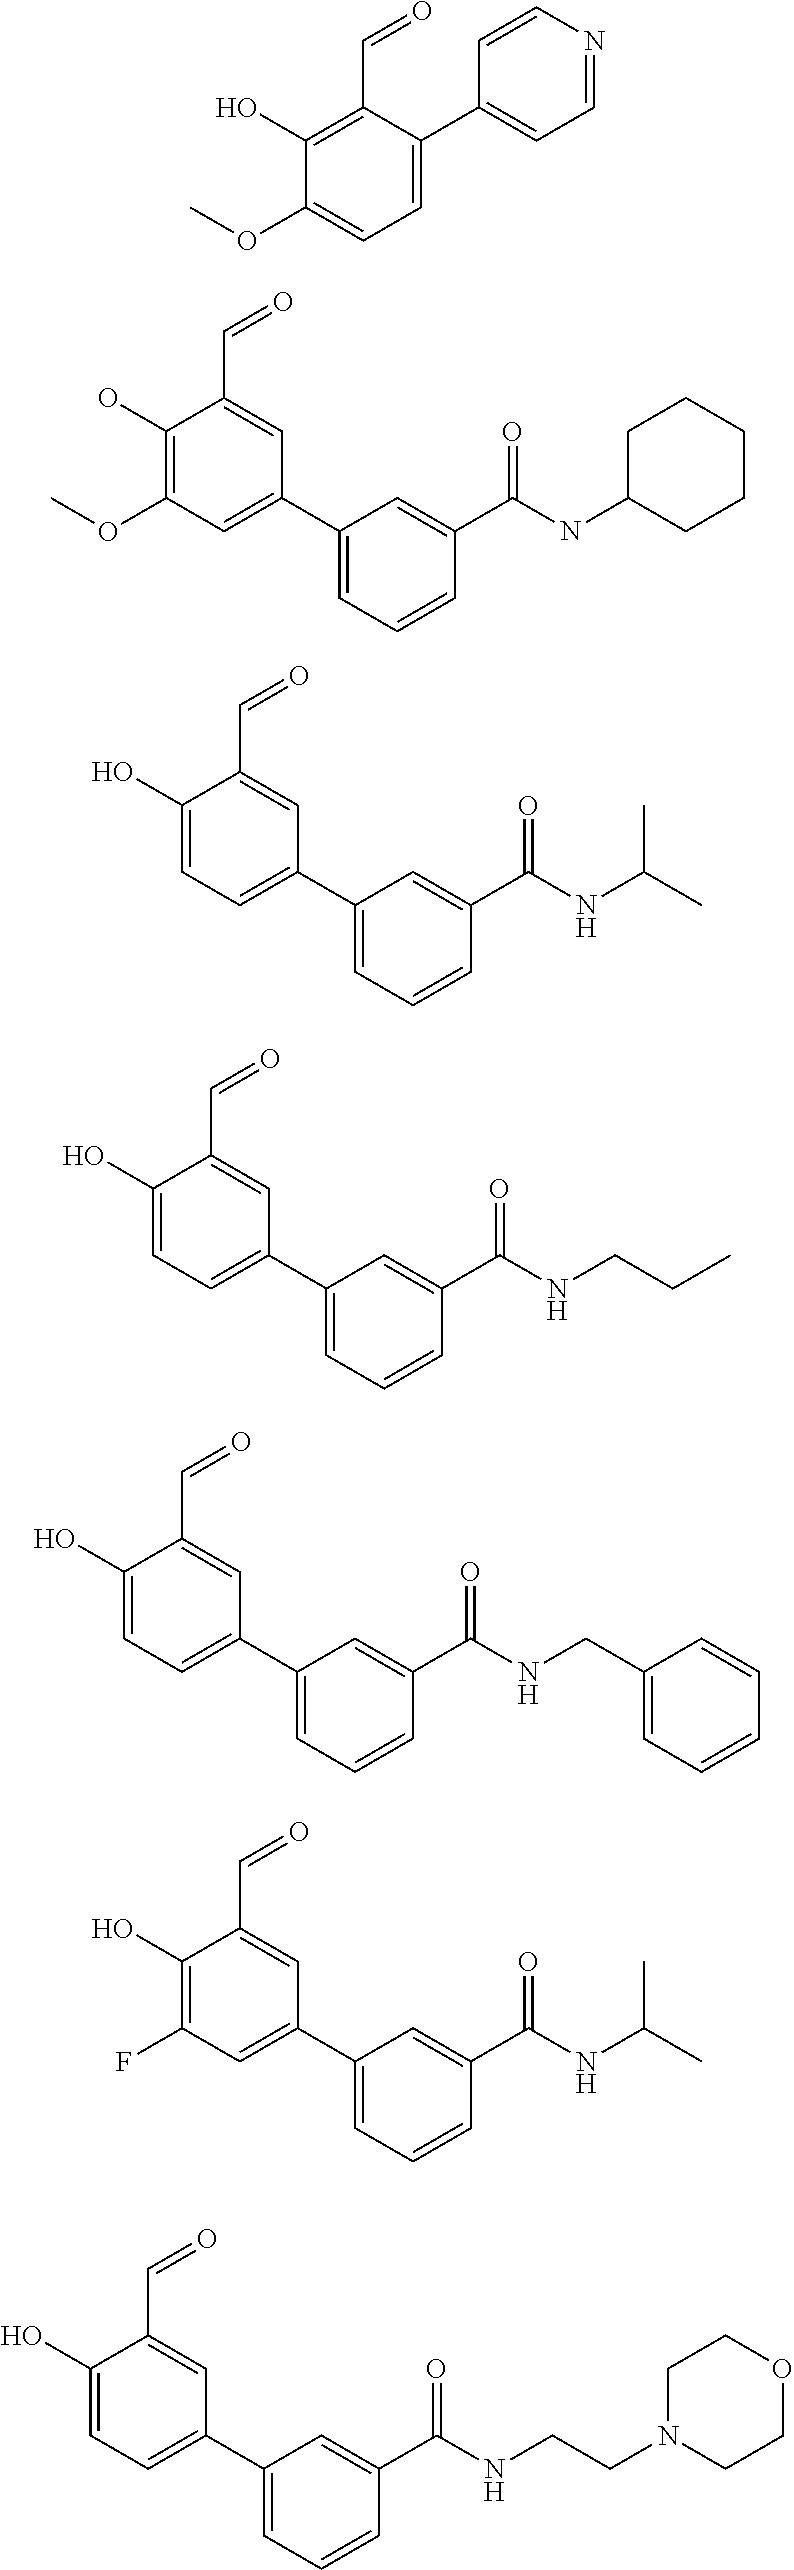 Figure US20110065162A1-20110317-C00116